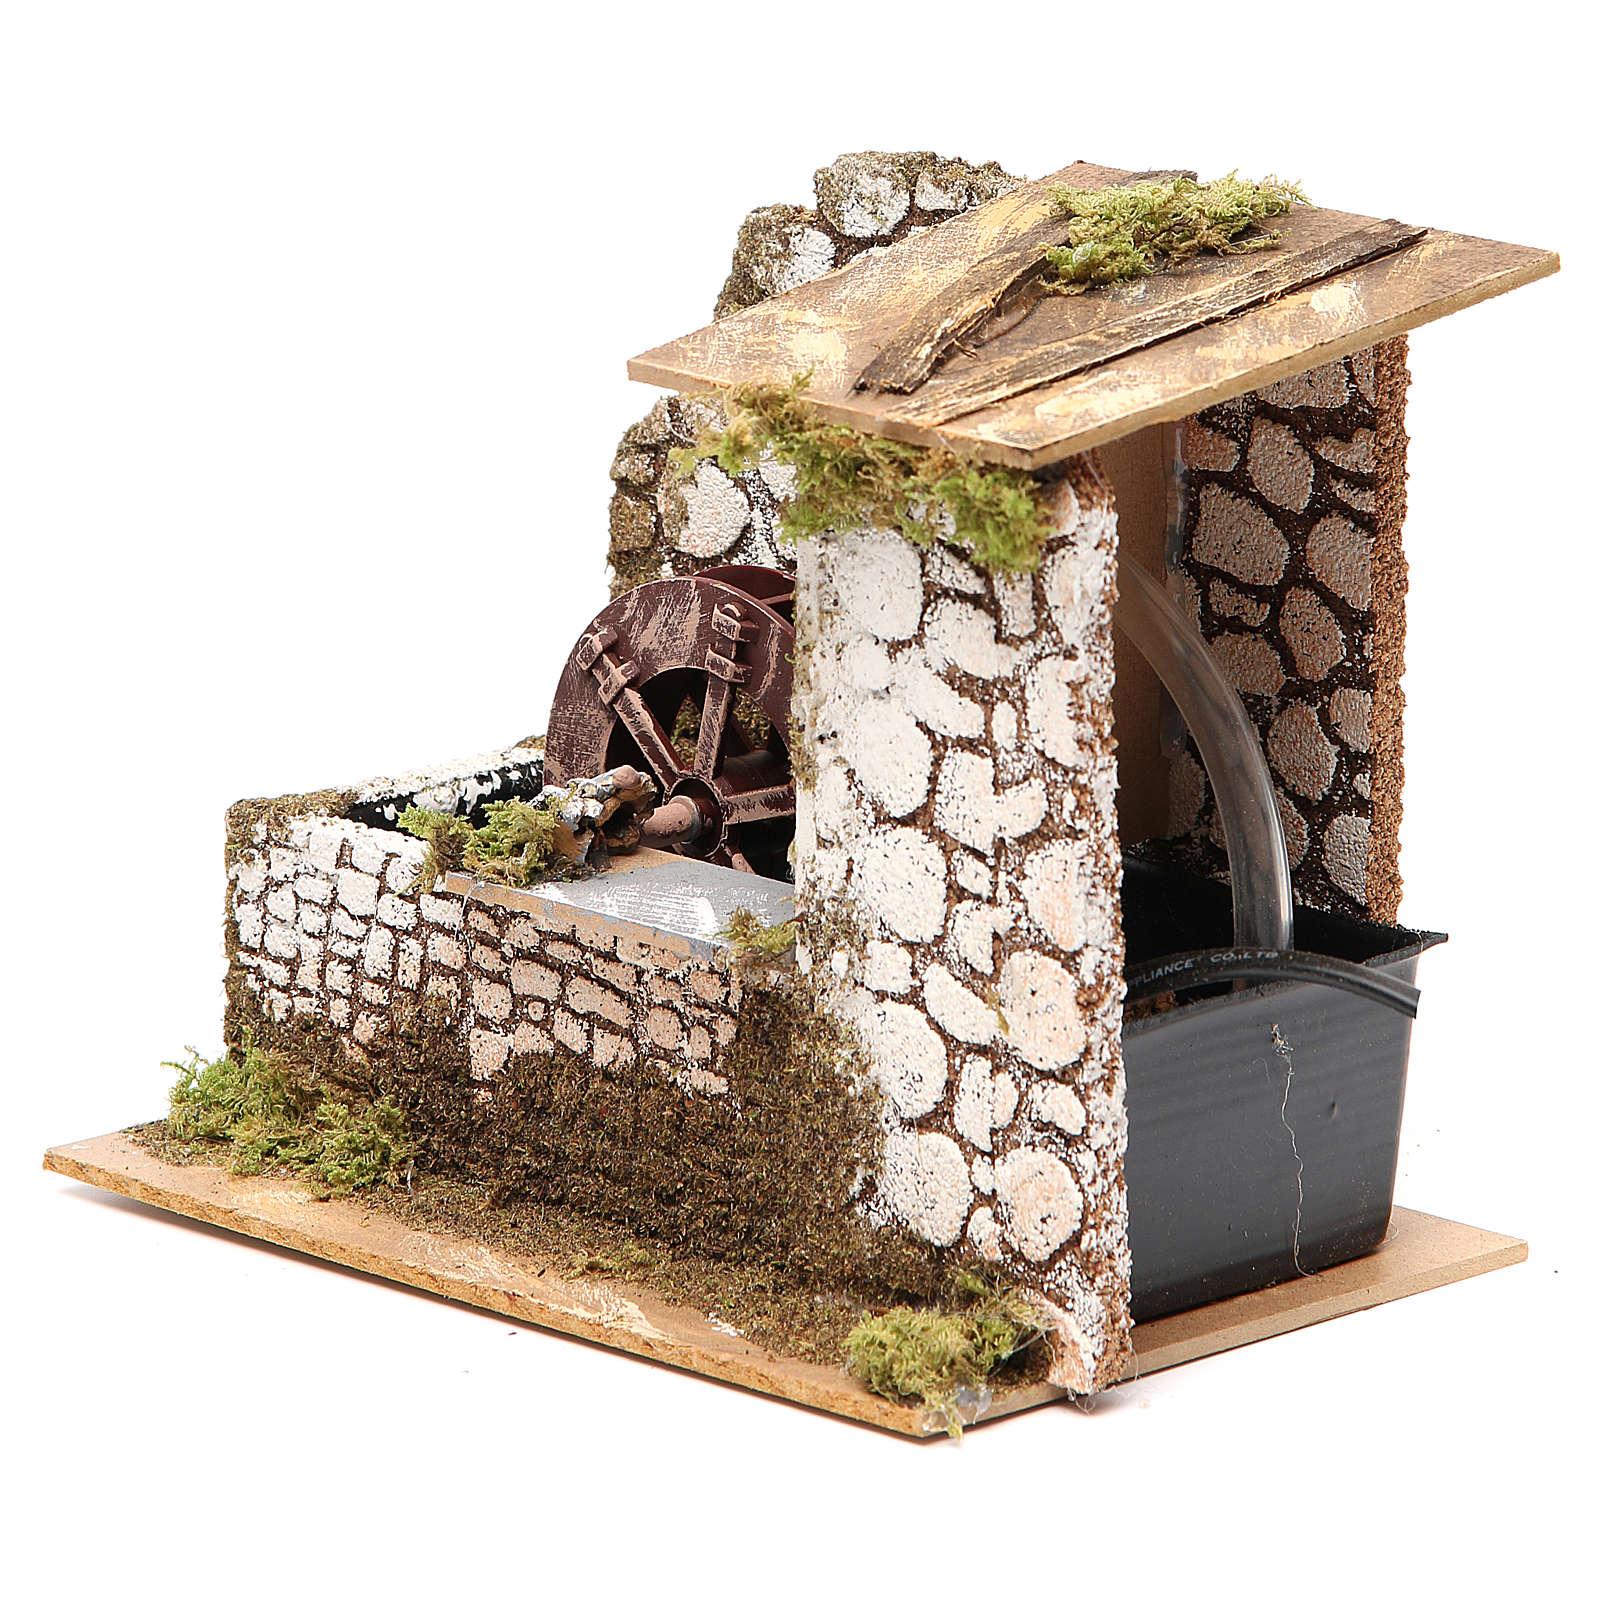 Moulin à eau crèche 17x20x14 cm bois liège 4